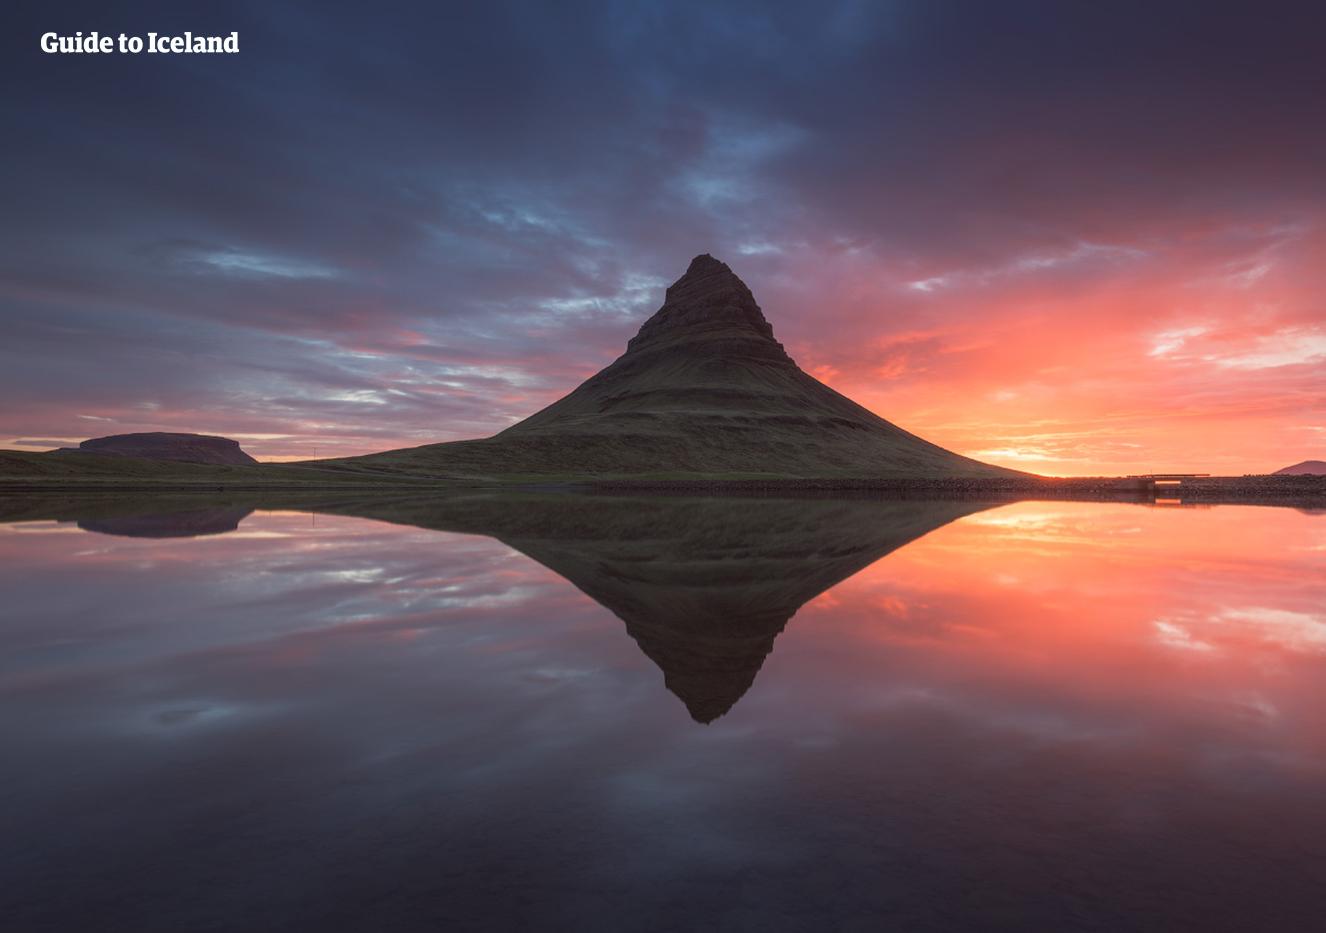 Kompletna 10-dniowa wycieczka z przewodnikiem po całej obwodnicy Islandii z Reykjaviku - day 9